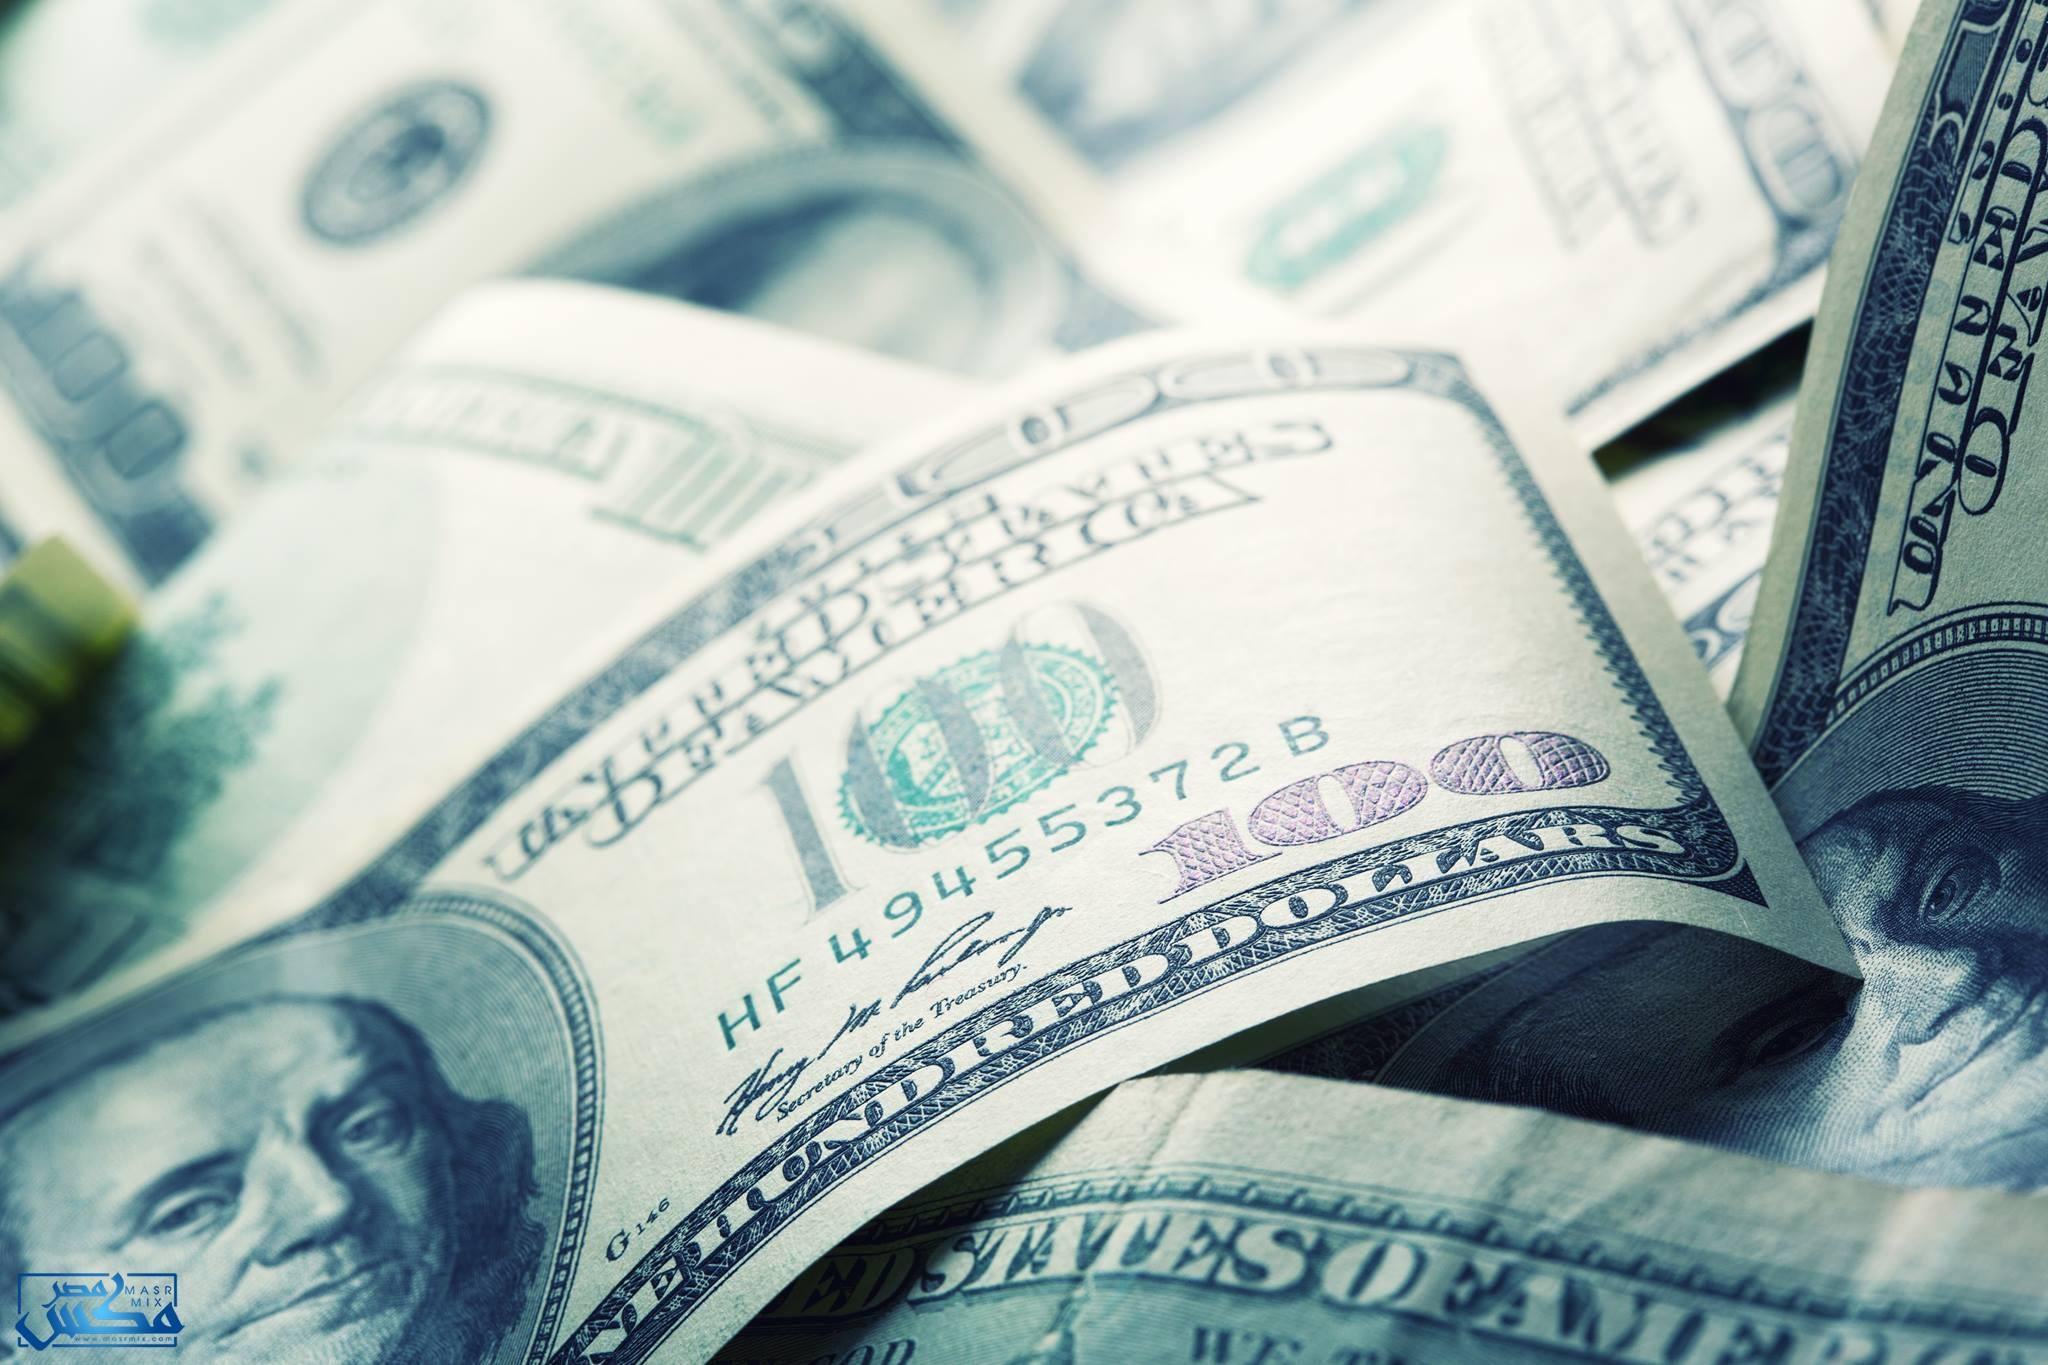 سعر صرف الريال السعودي مقابل العملات الاجنبية | اسعار صرف